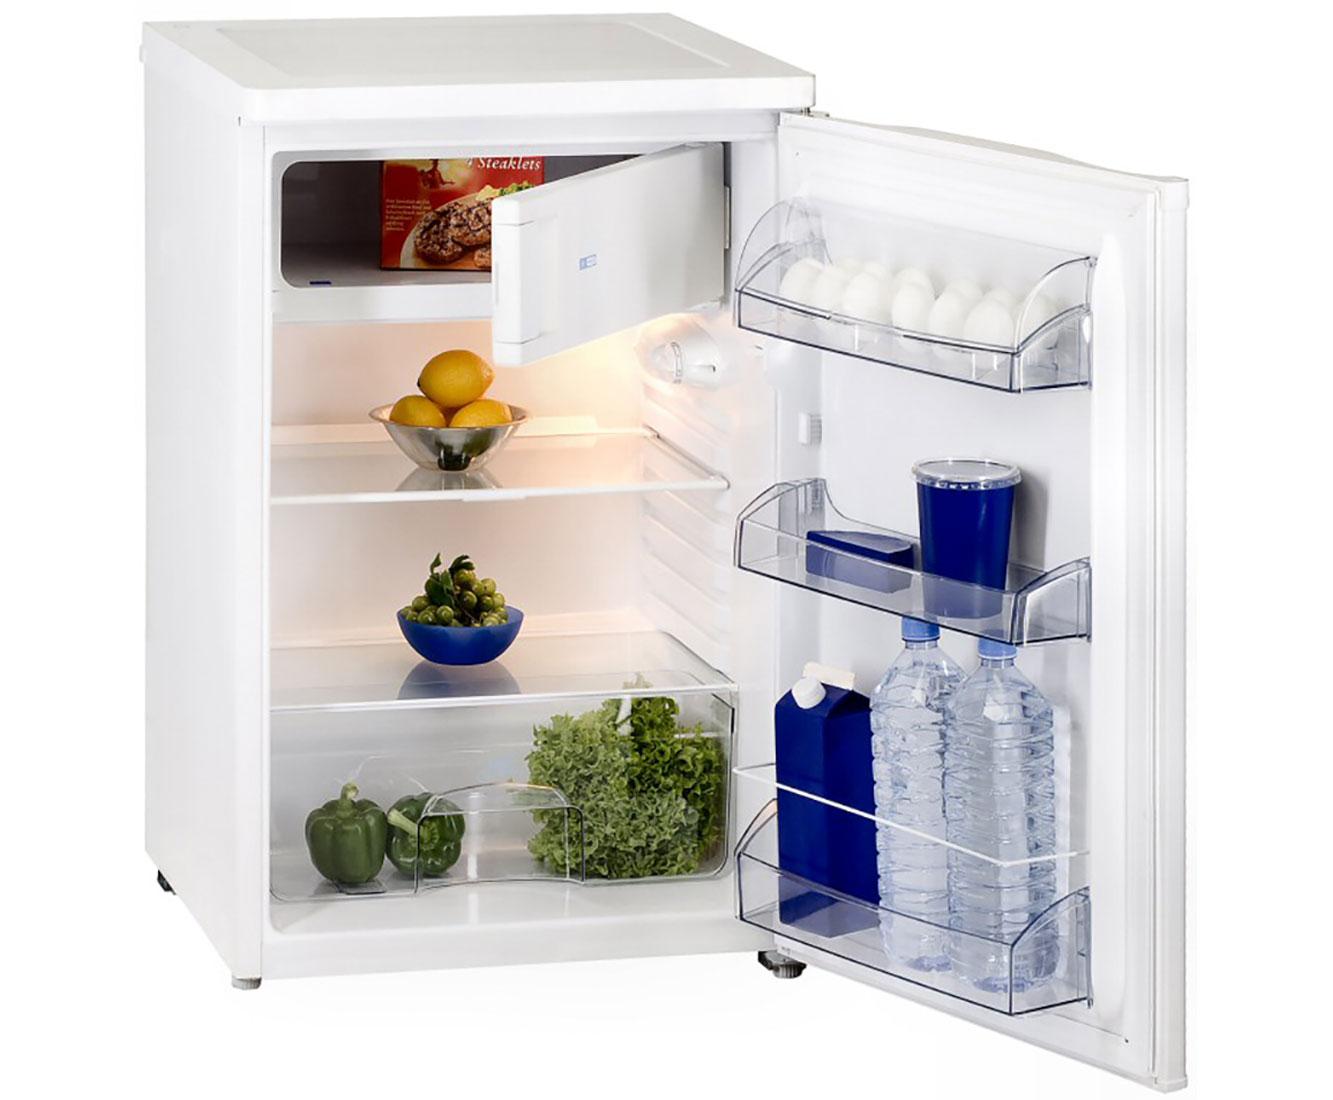 Mini Kühlschrank Real : Exquisit kk1000z mini küche weiß saturn einbaukühlschrank k